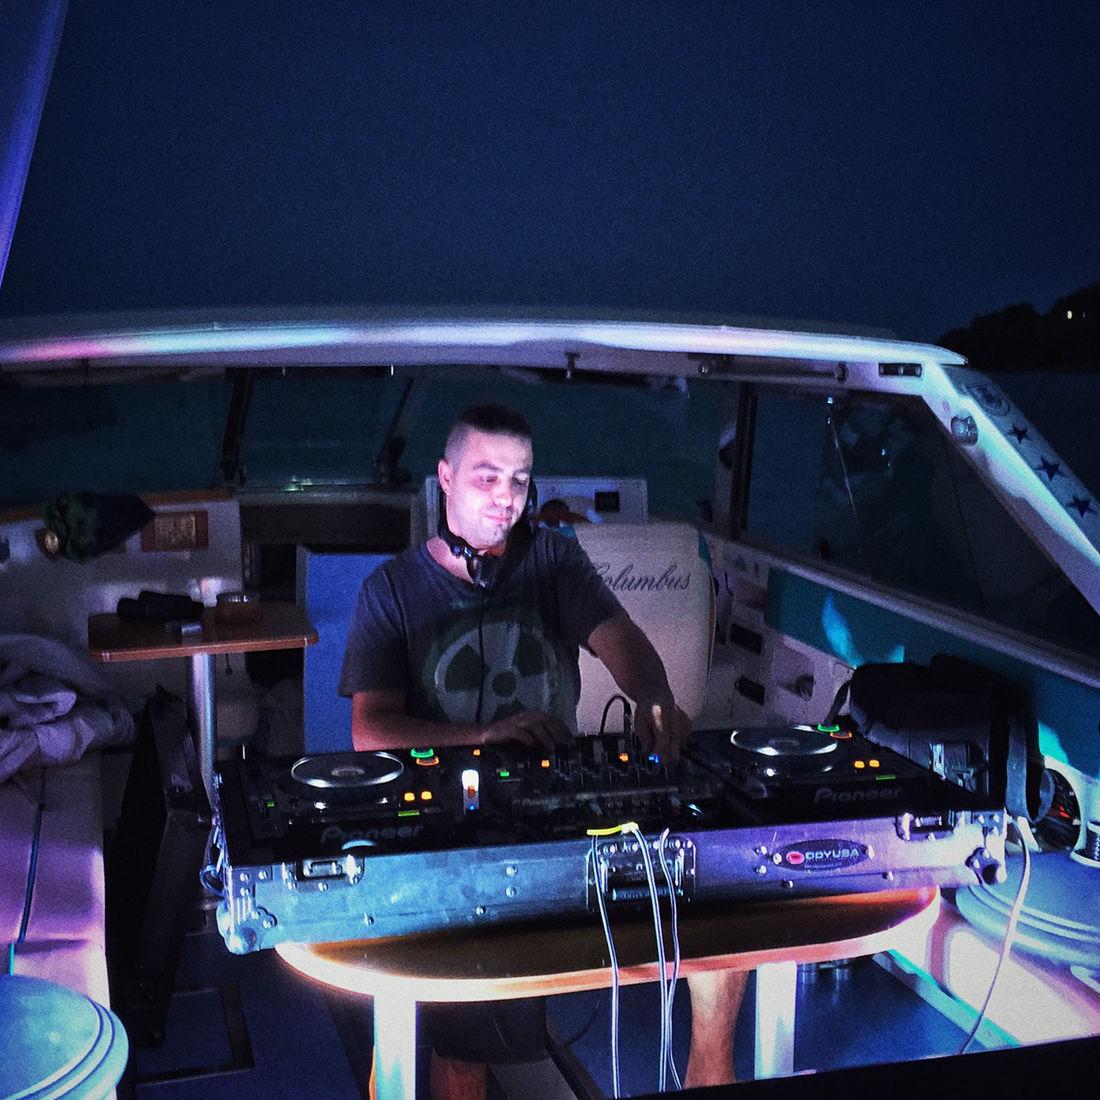 Fest mit Dj: Im Boot auf dem Gardasee